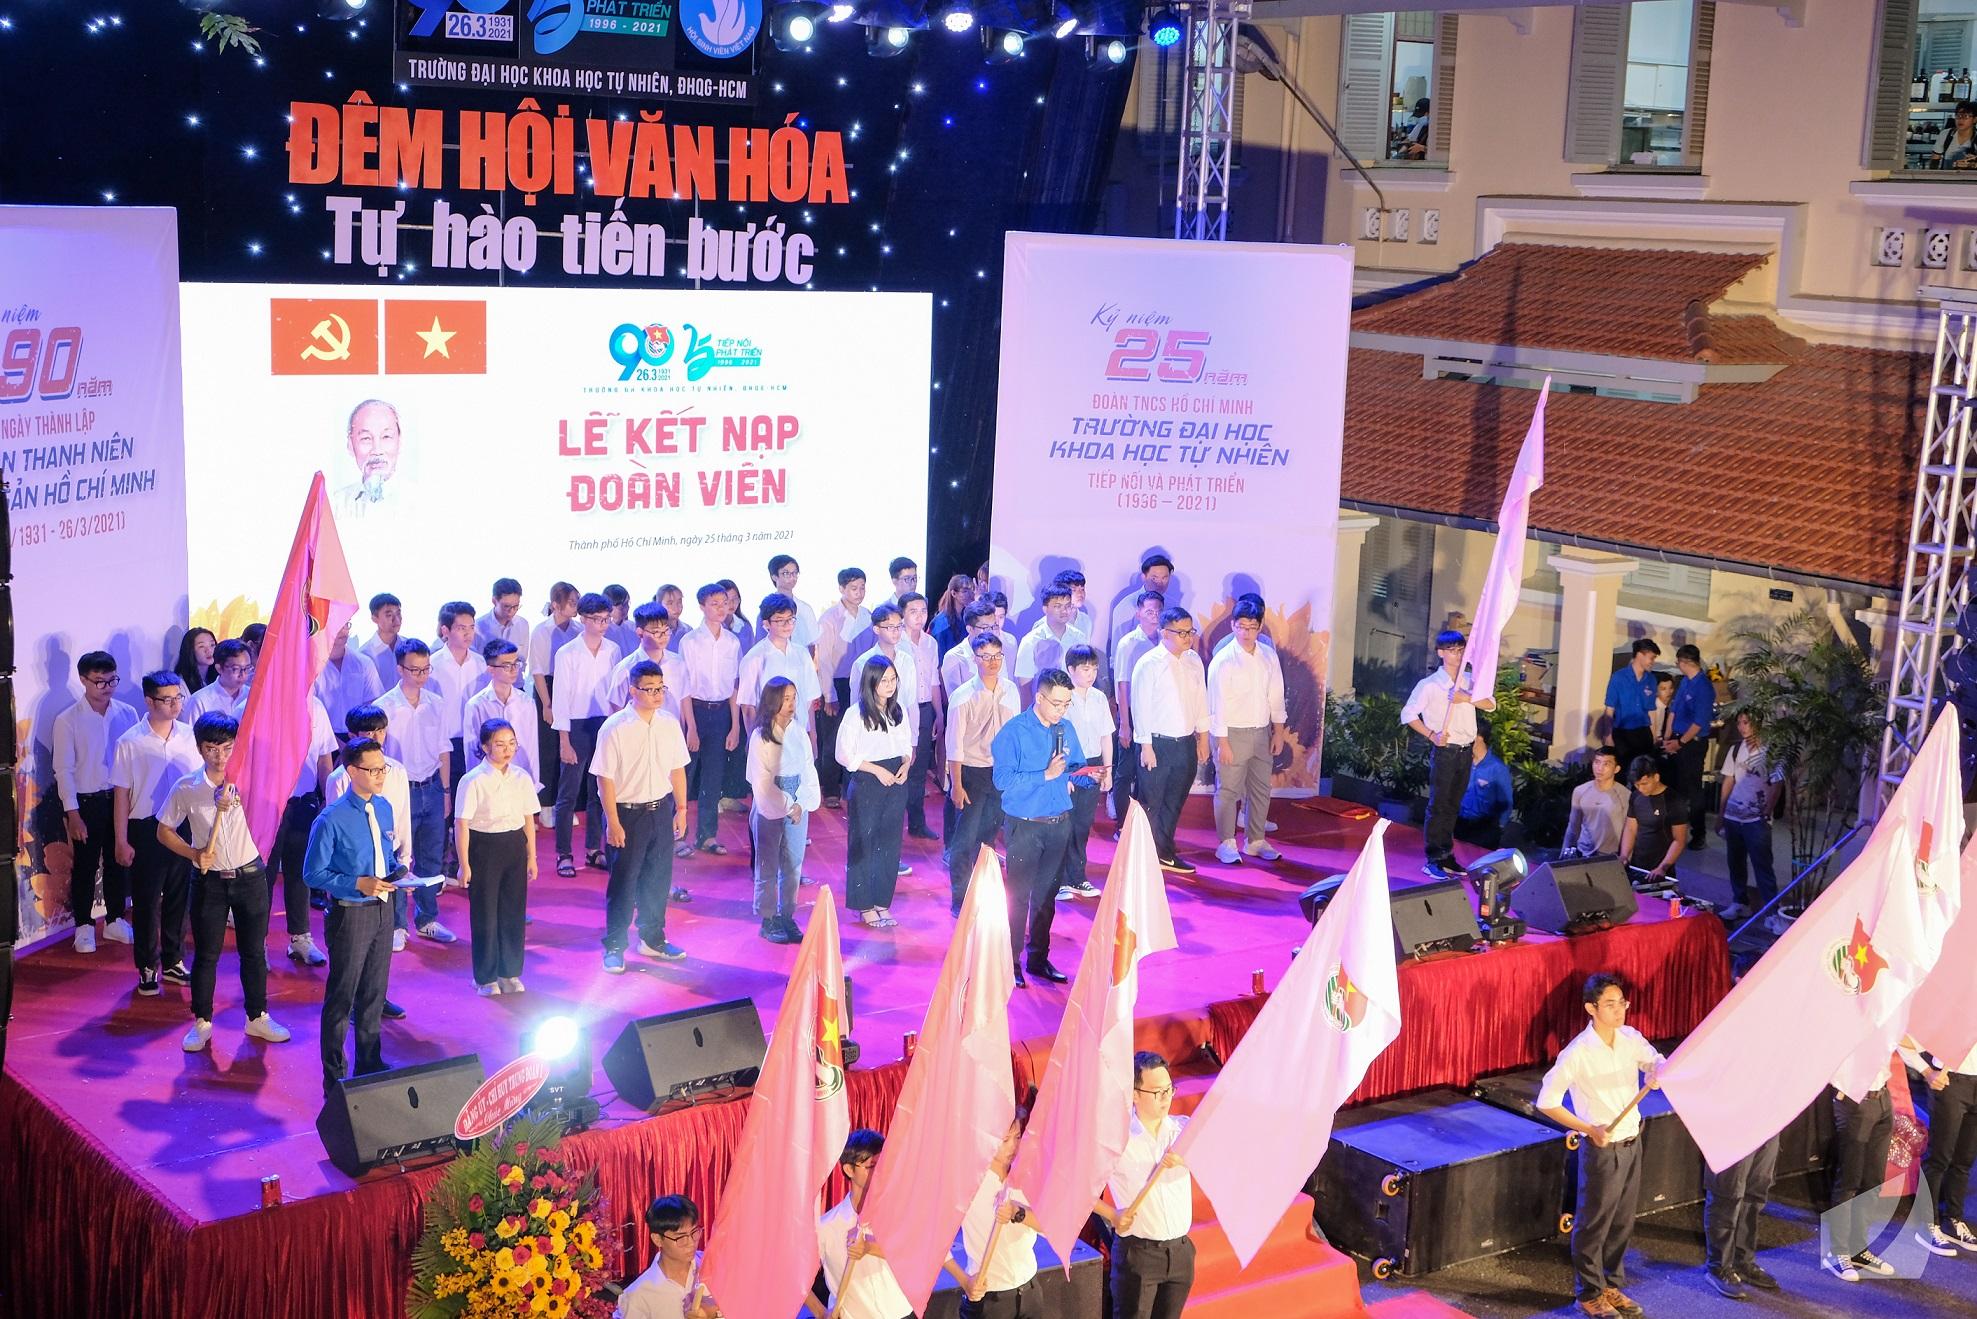 Lễ kết nạp 90 thanh niên tiên tiến vào hàng ngũ Đoàn Thanh niên Hồ Chí Minh